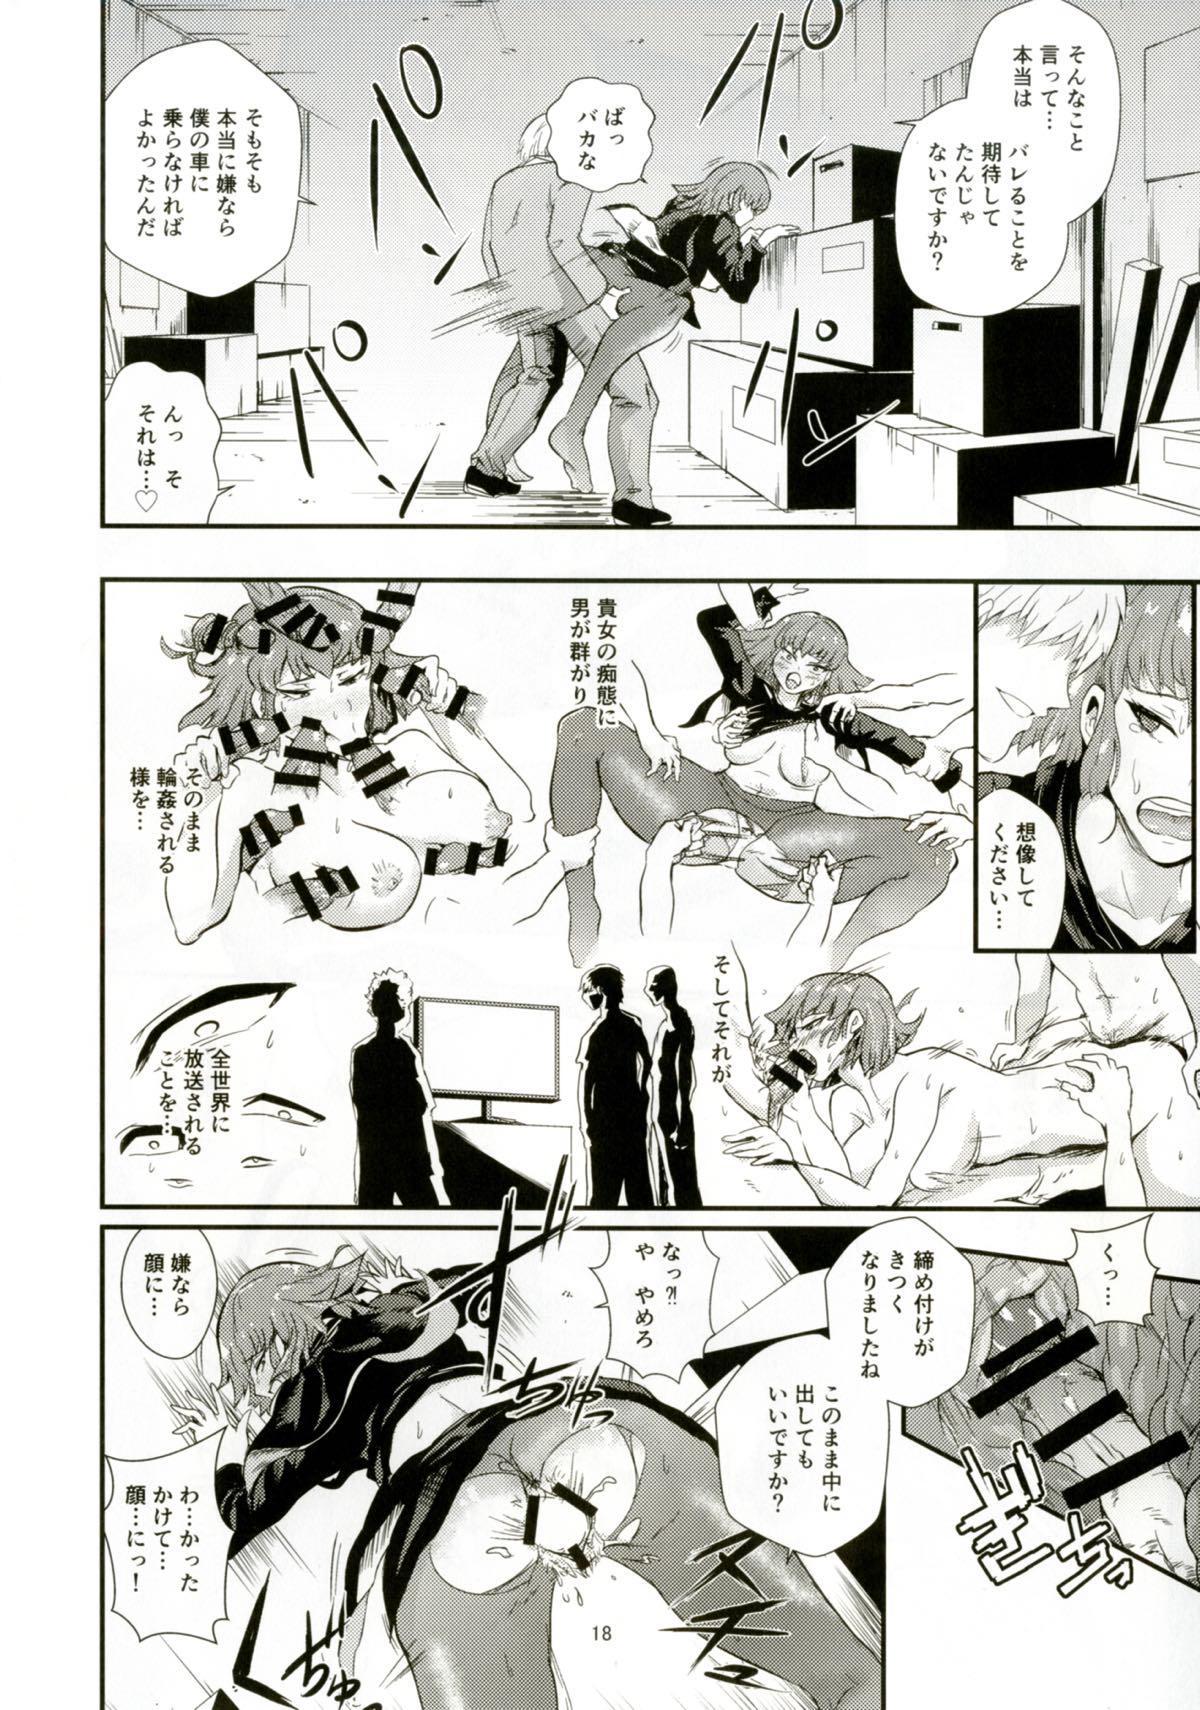 Haman-sama no Inzoku na Hibi 2 16